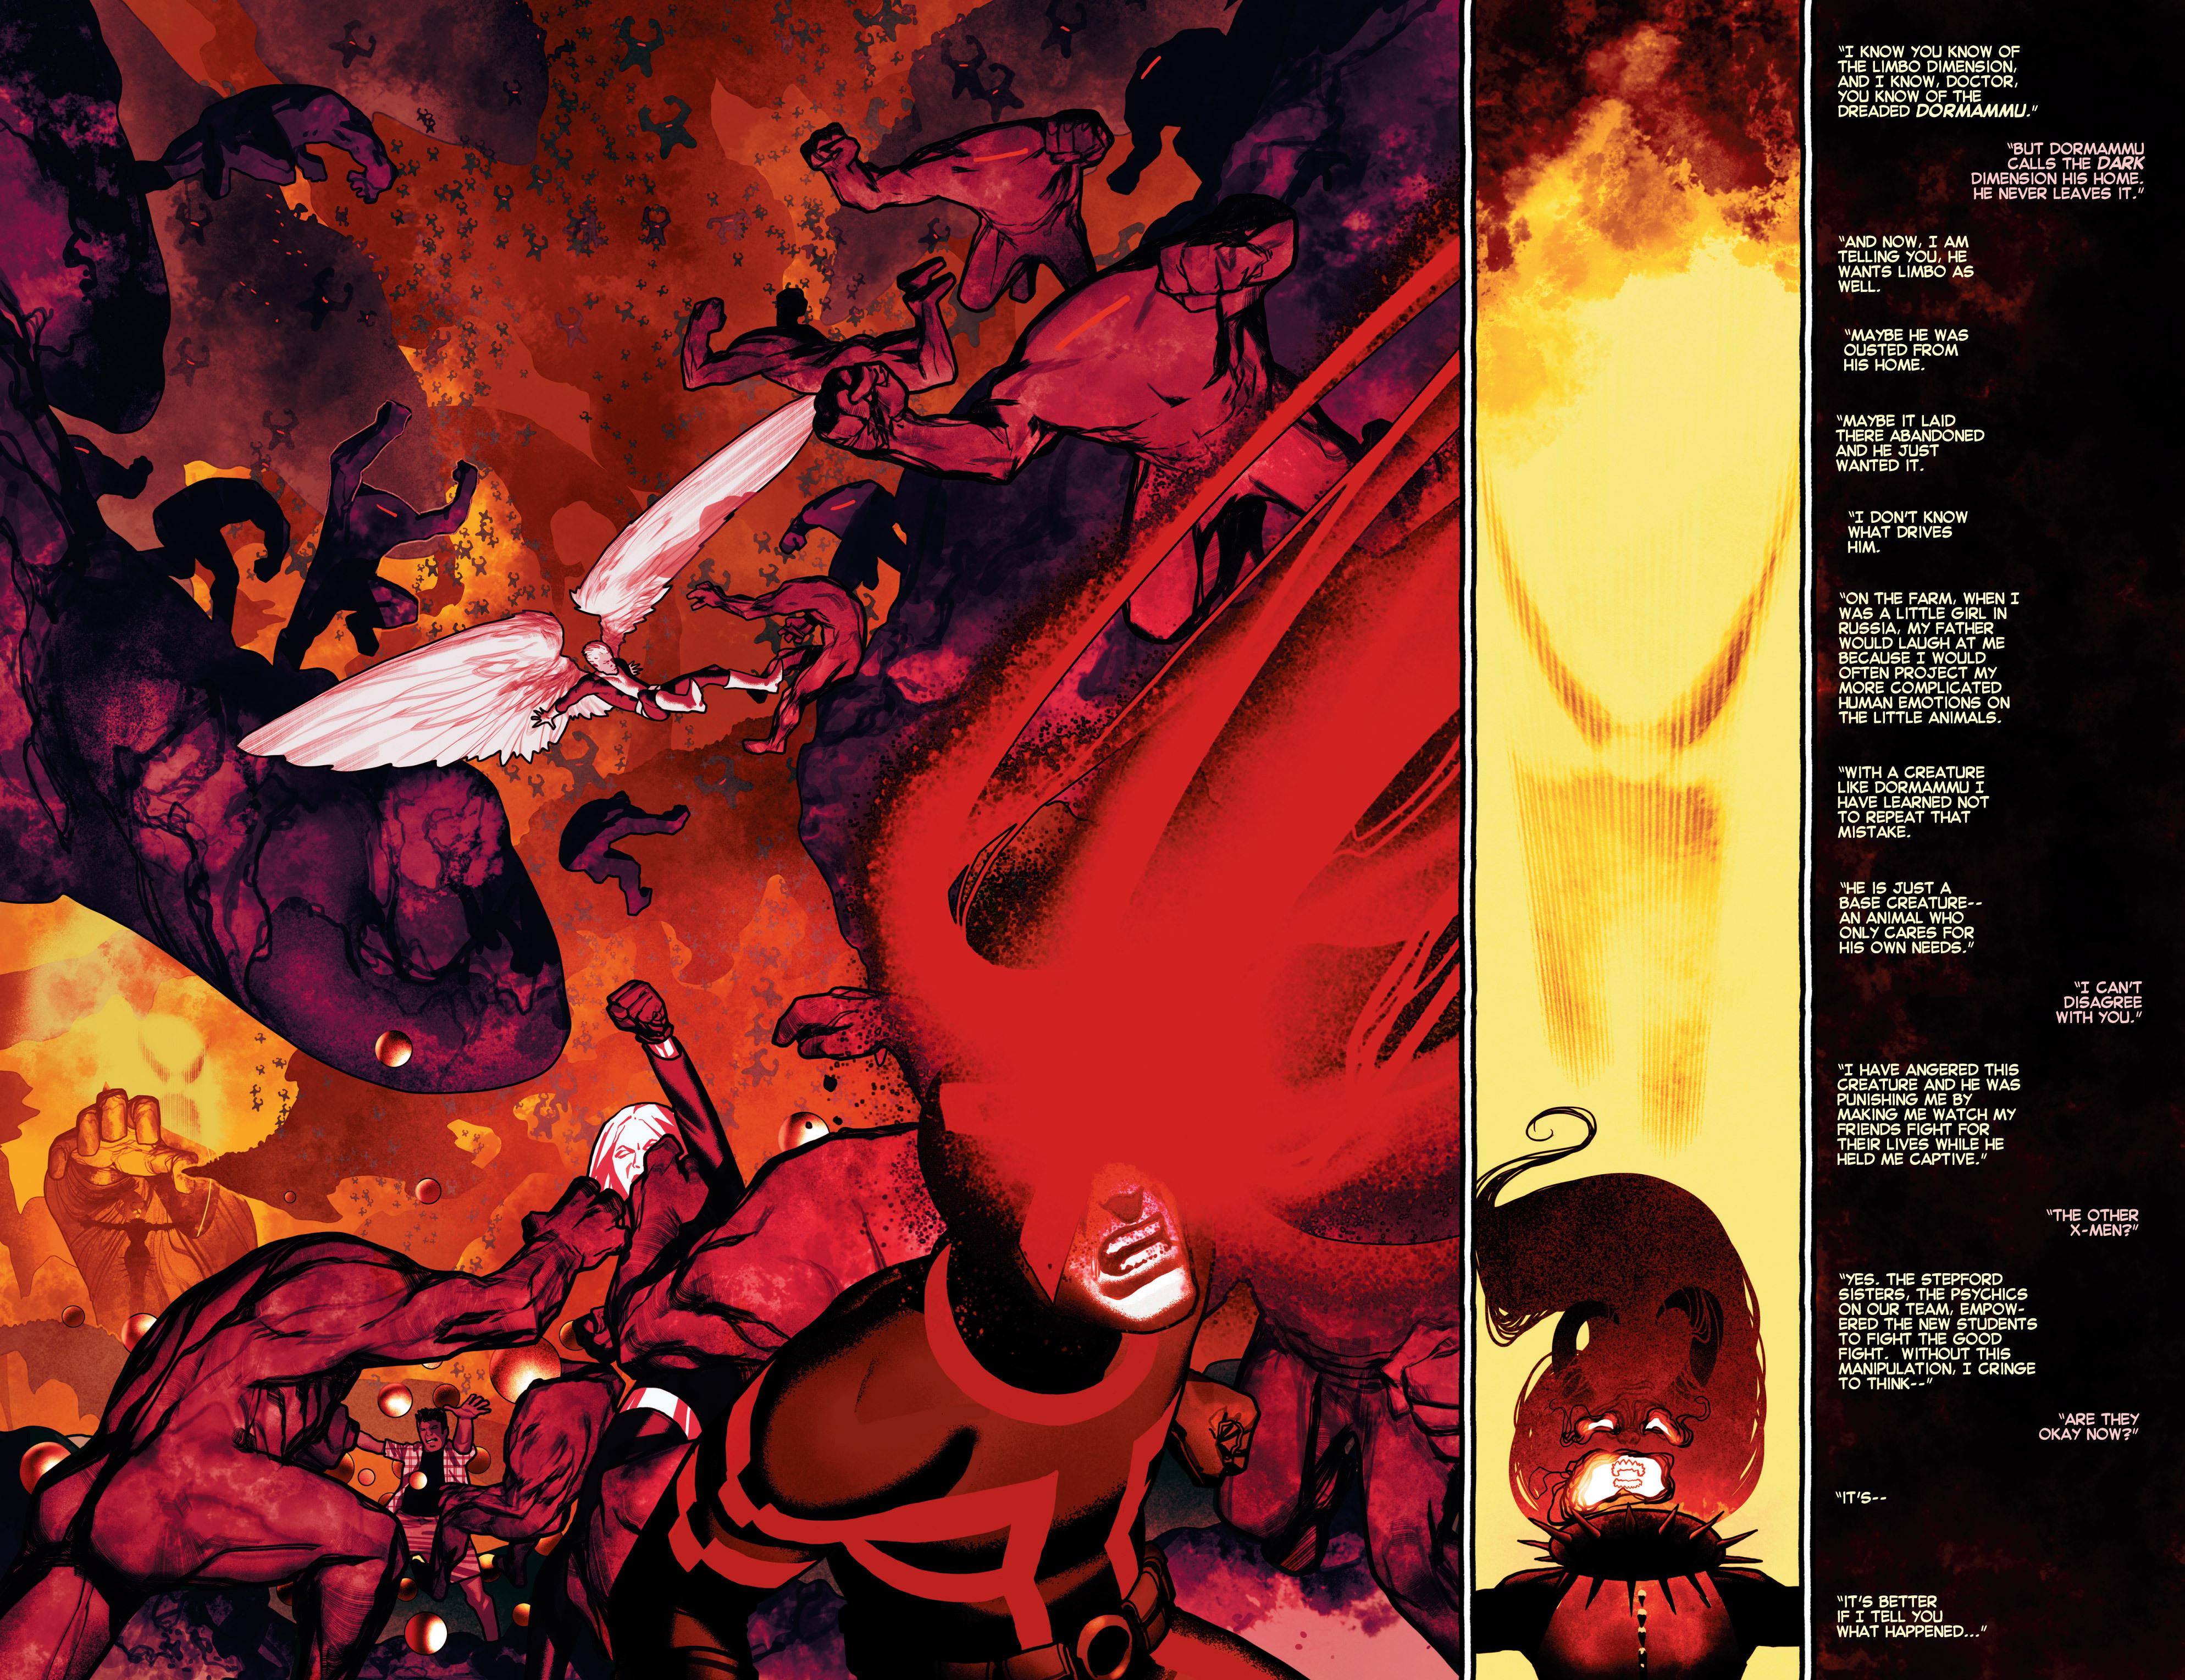 Read online Uncanny X-Men (2013) comic -  Issue #7 - 5